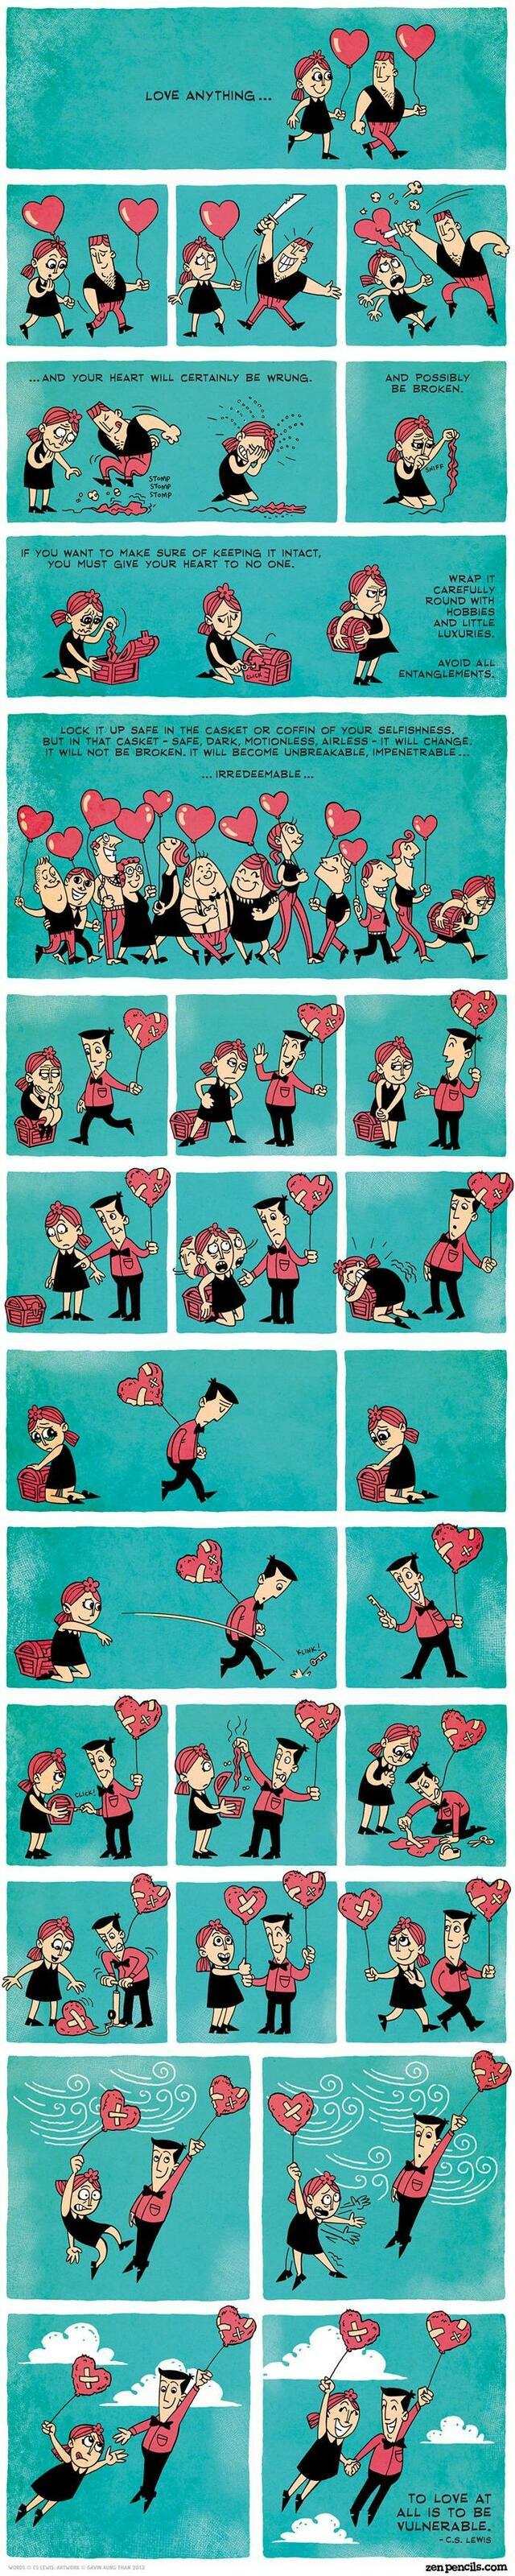 Най-красивото и вярно обяснение на любовта